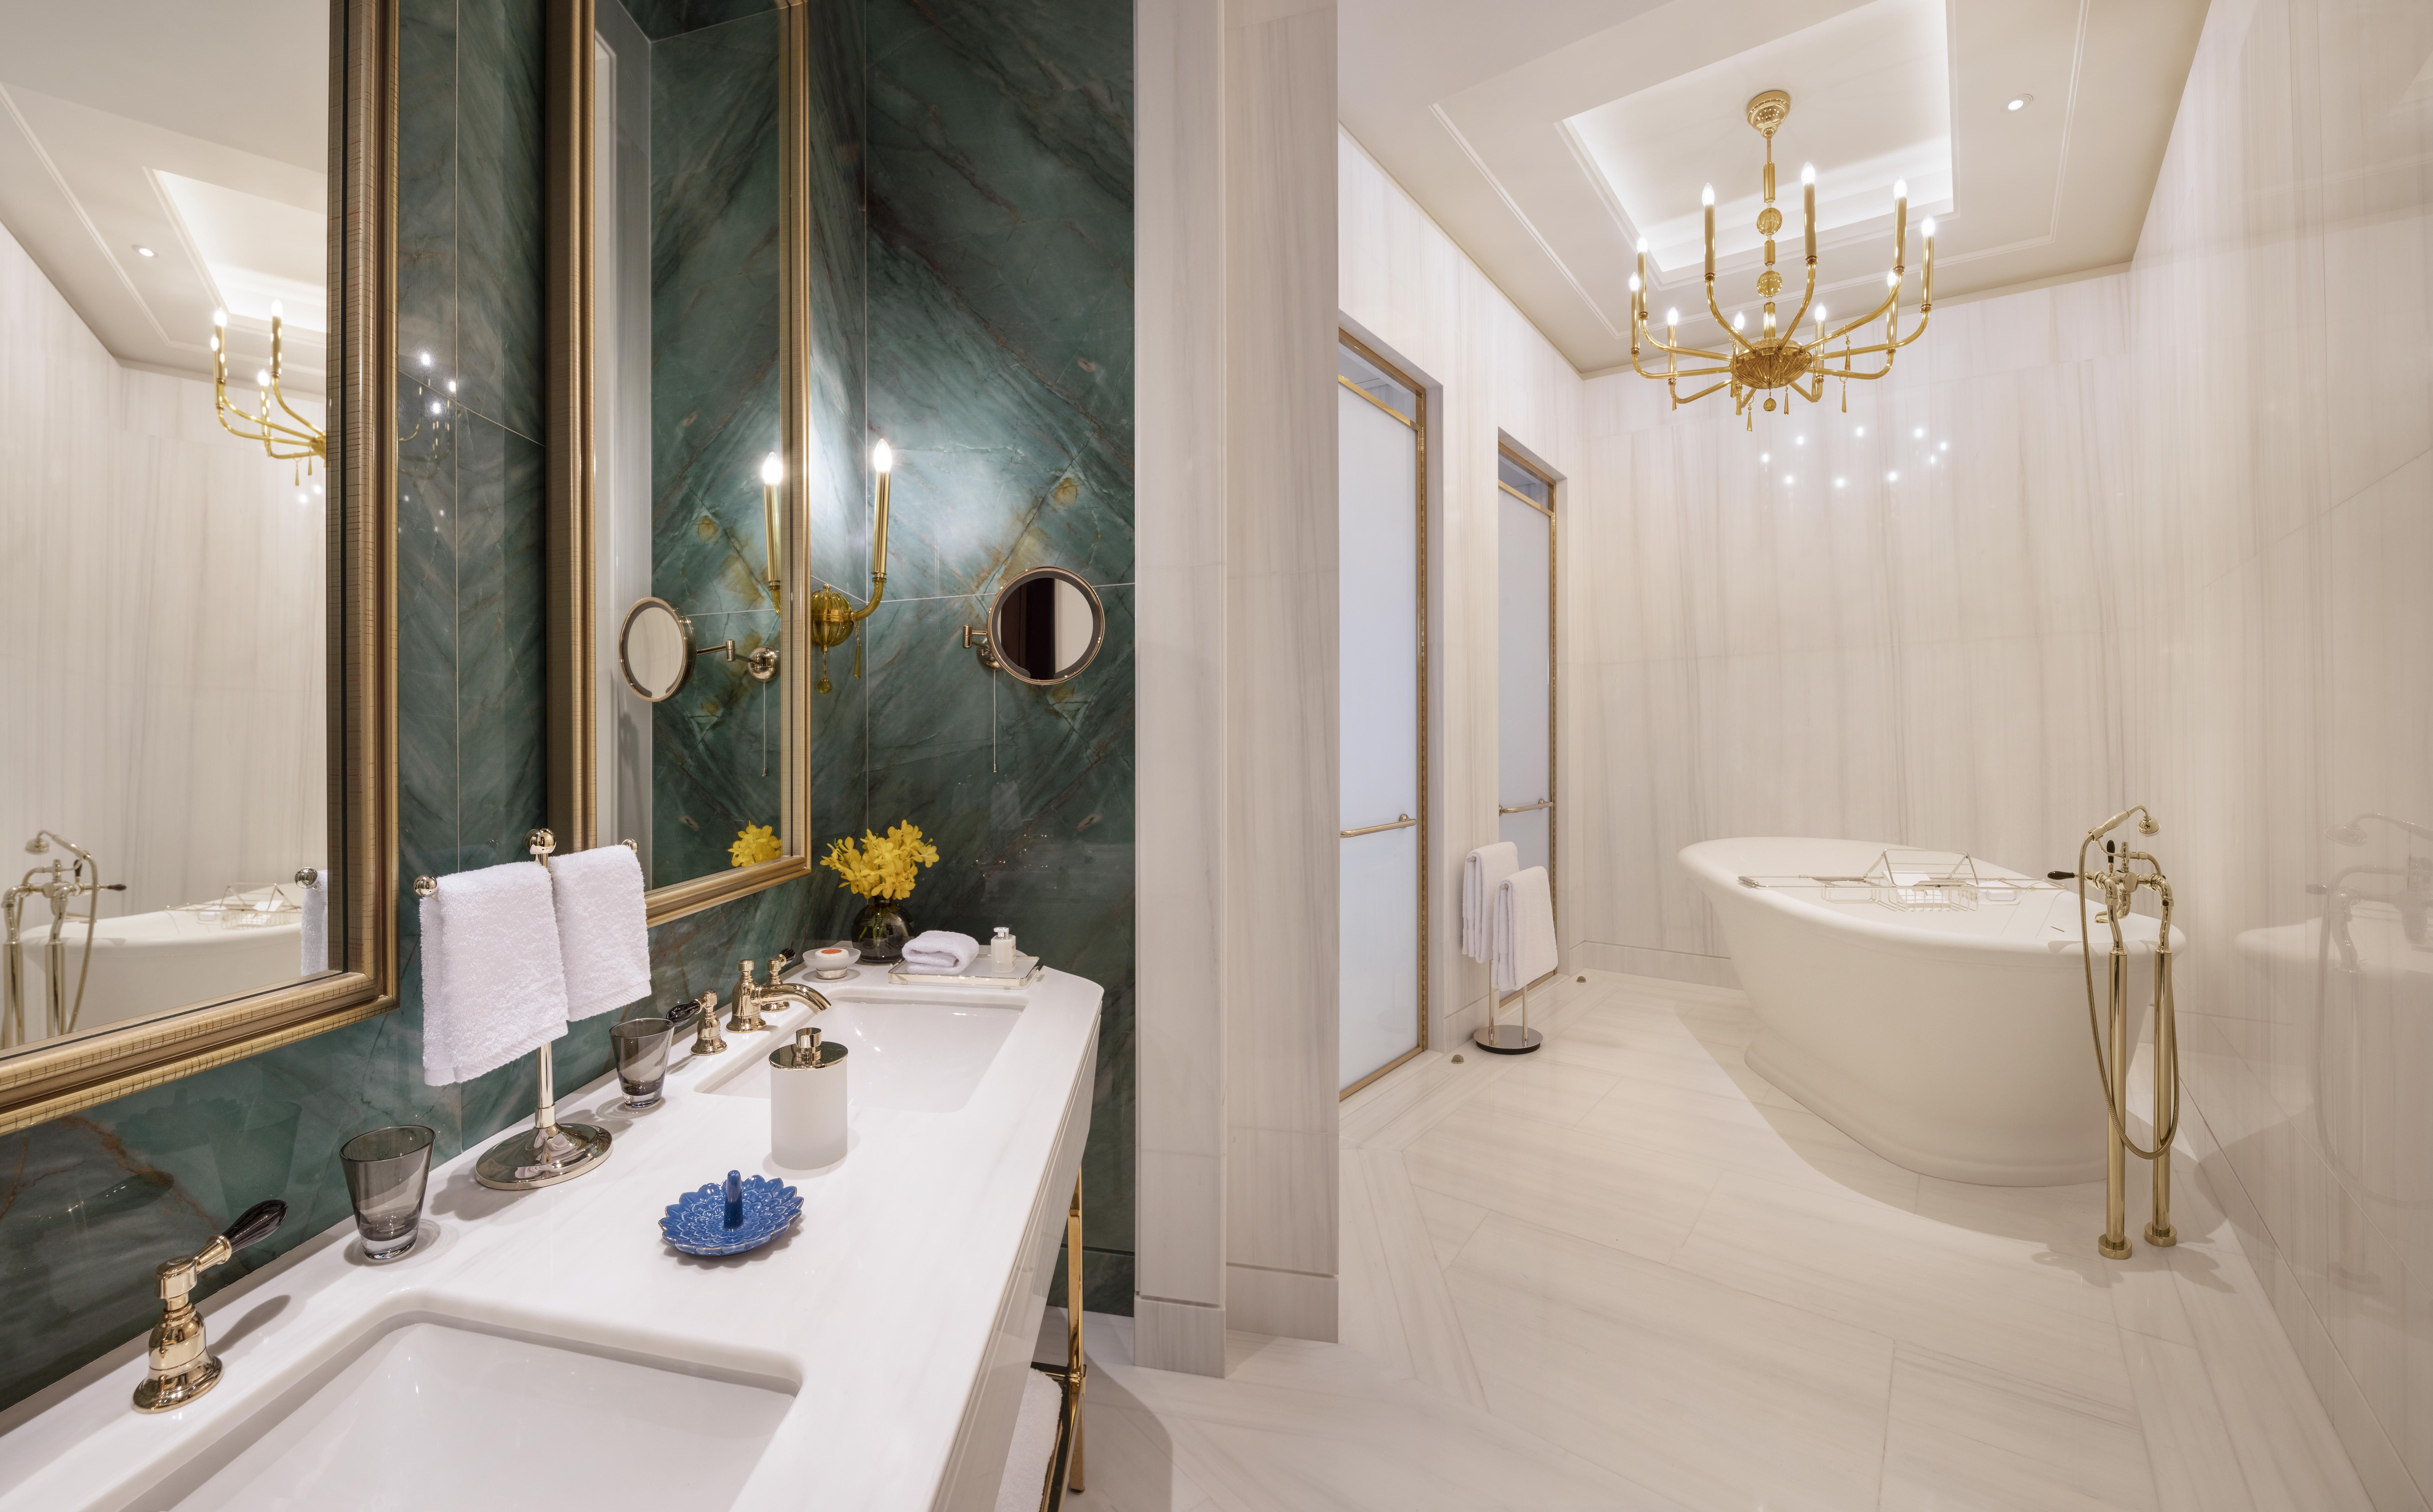 Presidential_Suite_Bathroom.jpg